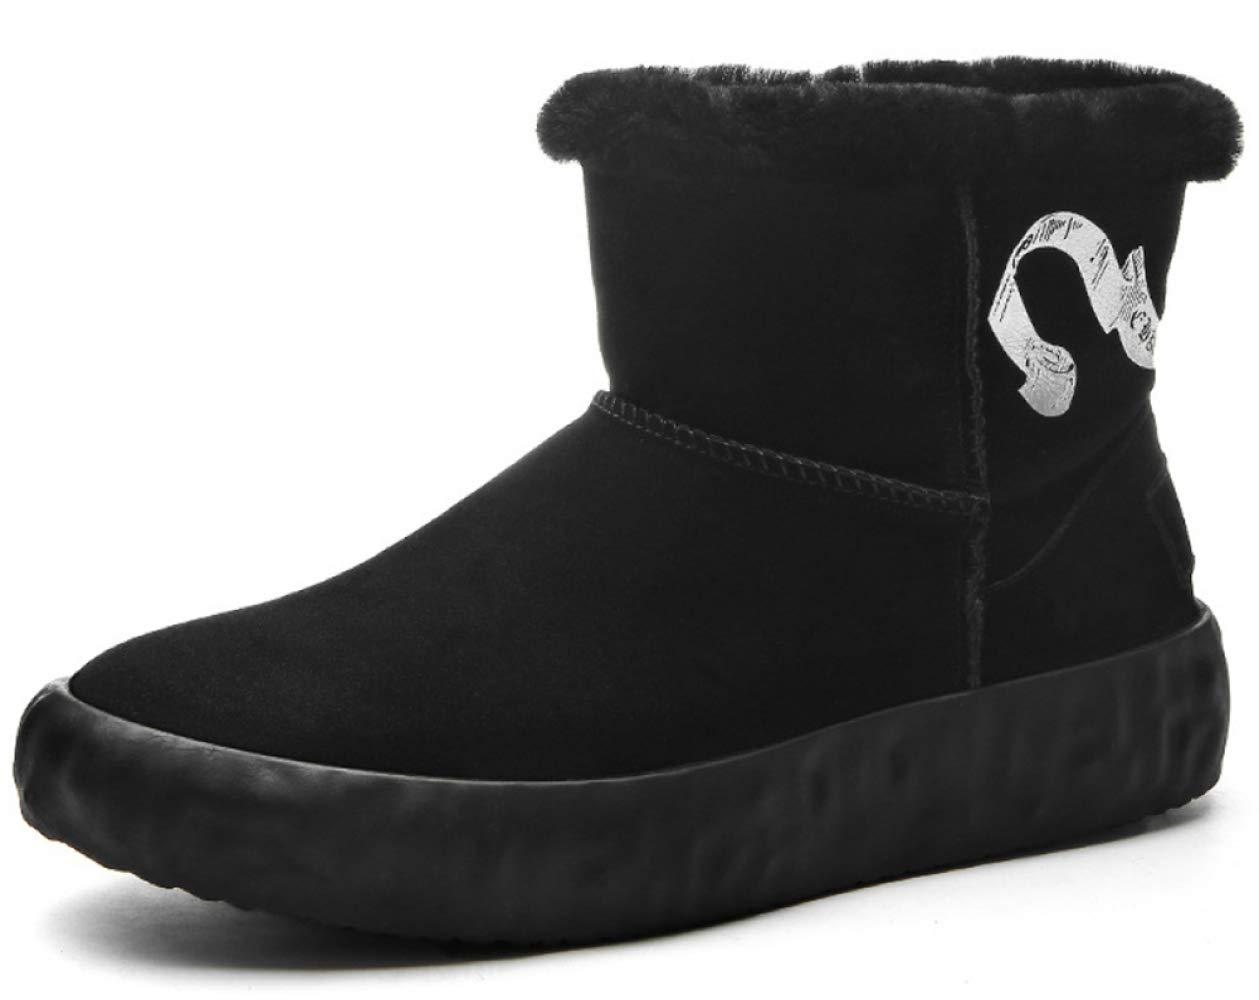 RSHENG Schuhe Stiefel Für Warme Lederschuhe Der Wintermode Für Herren Herren Herren 30a07e